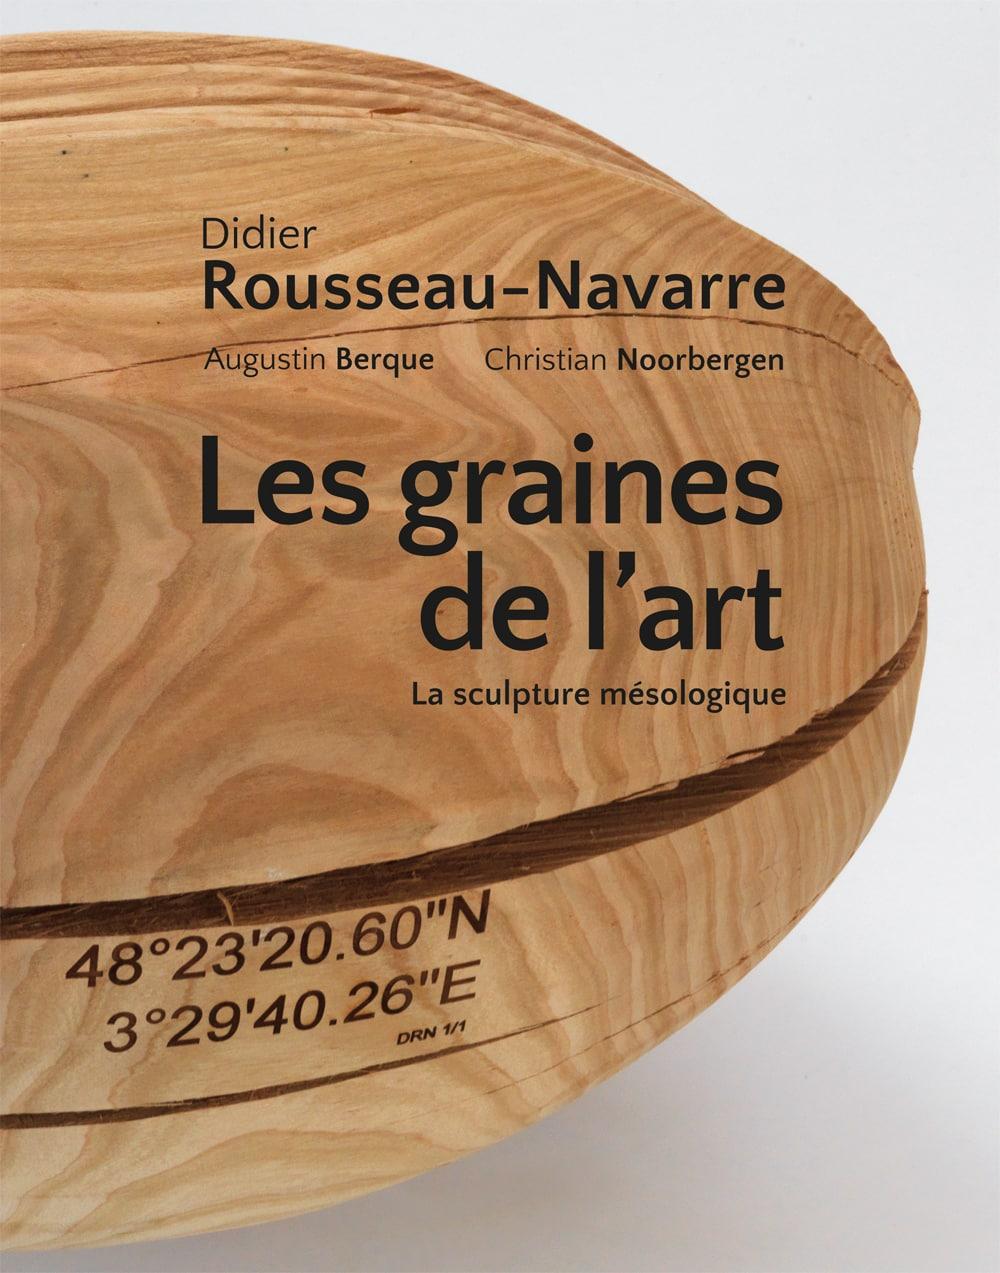 Didier Rousseau-Navarre – Les graines de l'art